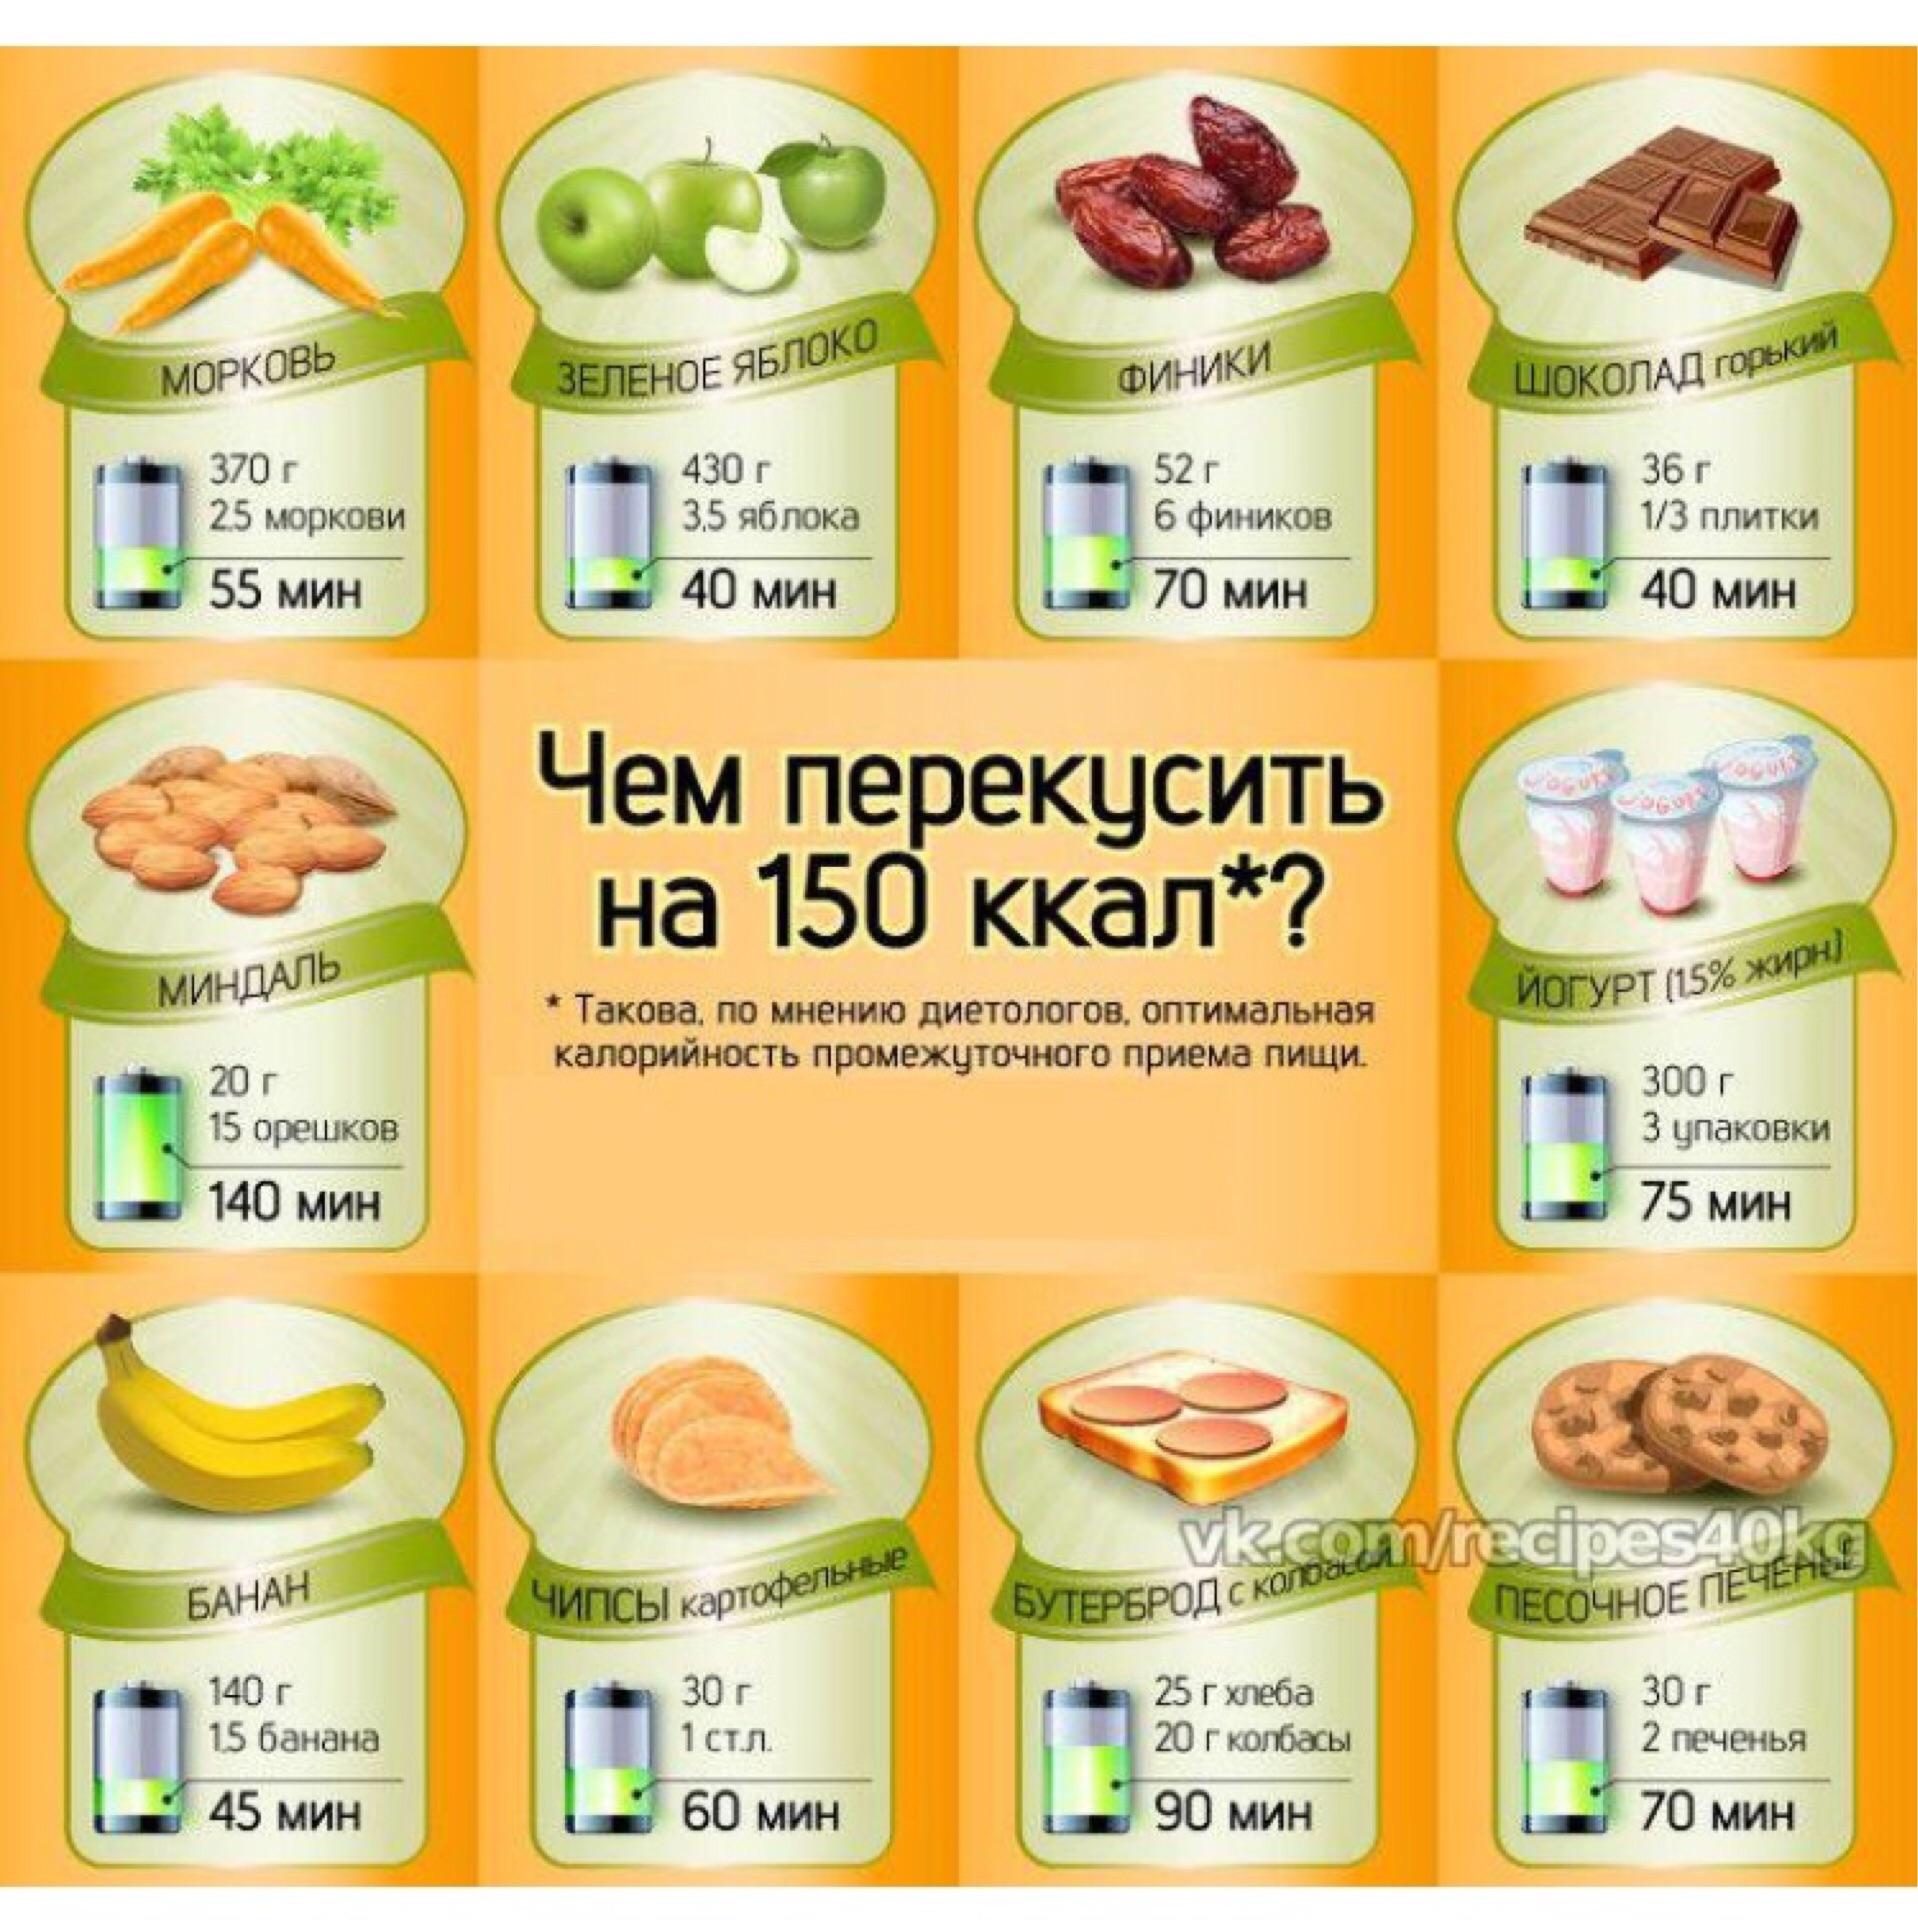 пп перекусы для похудения